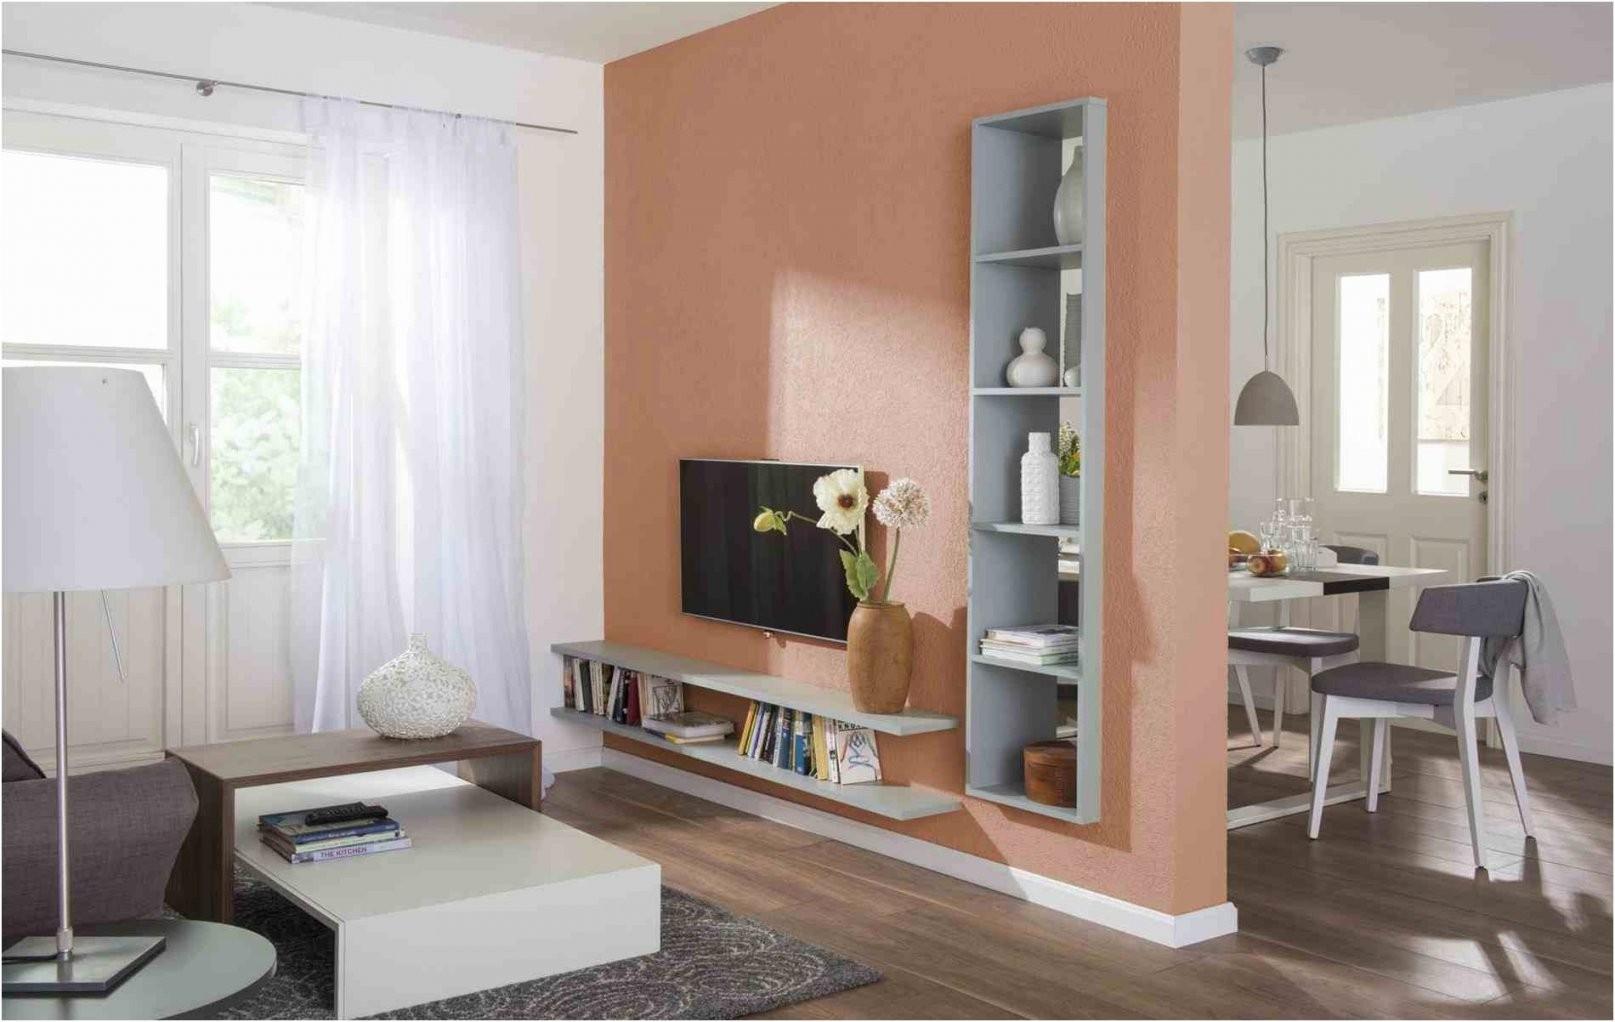 garnitur sofas fur kleine wohnzimmer mobel fur kleine raume ikea von kleine raume richtig einrichten photo